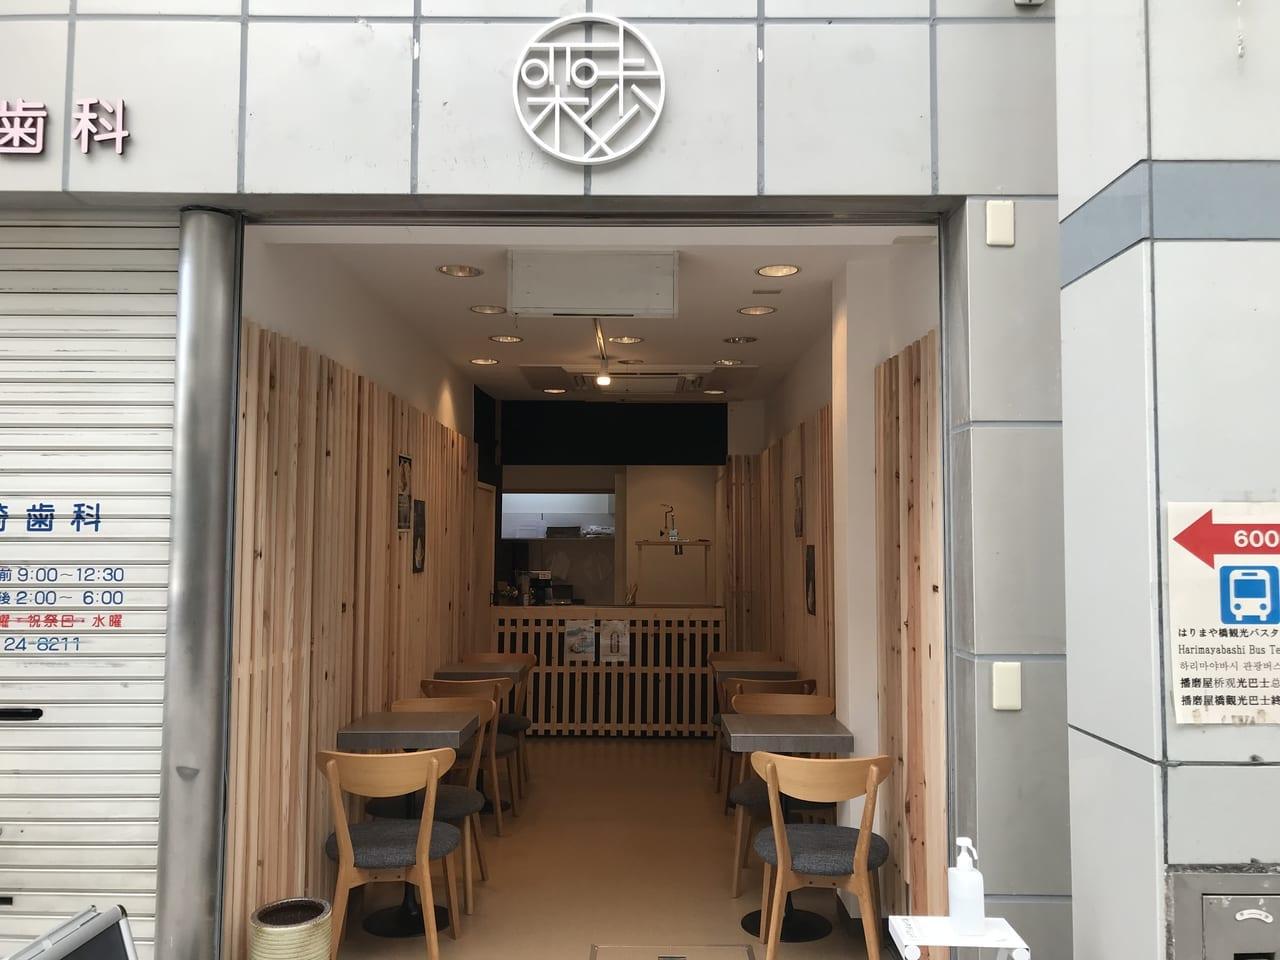 2021年6月「栗歩 高知店」が高知市新京町商店街内にオープン